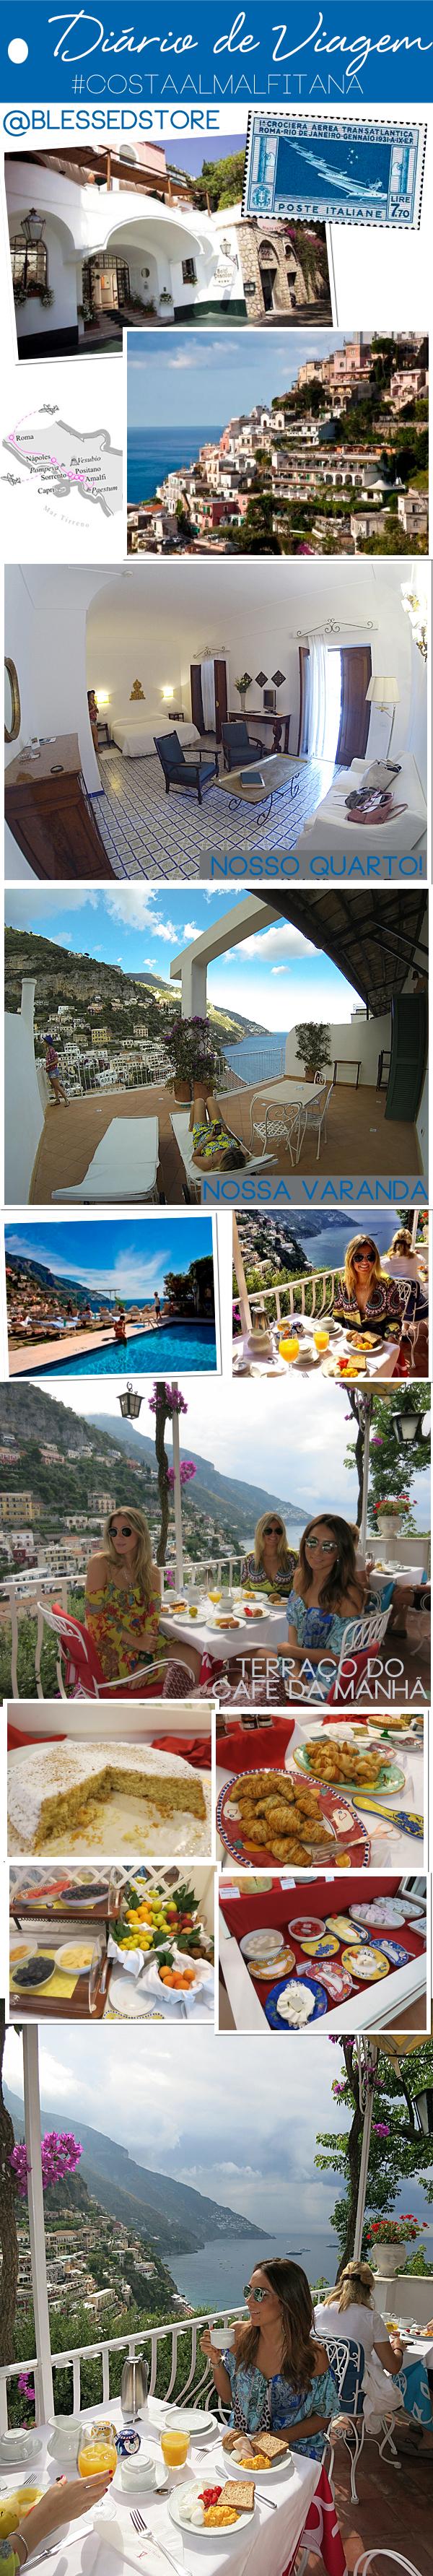 hotel-costa-amalfitana-onde-ficar-positano-dica-de-viagem-hotel-poseidon